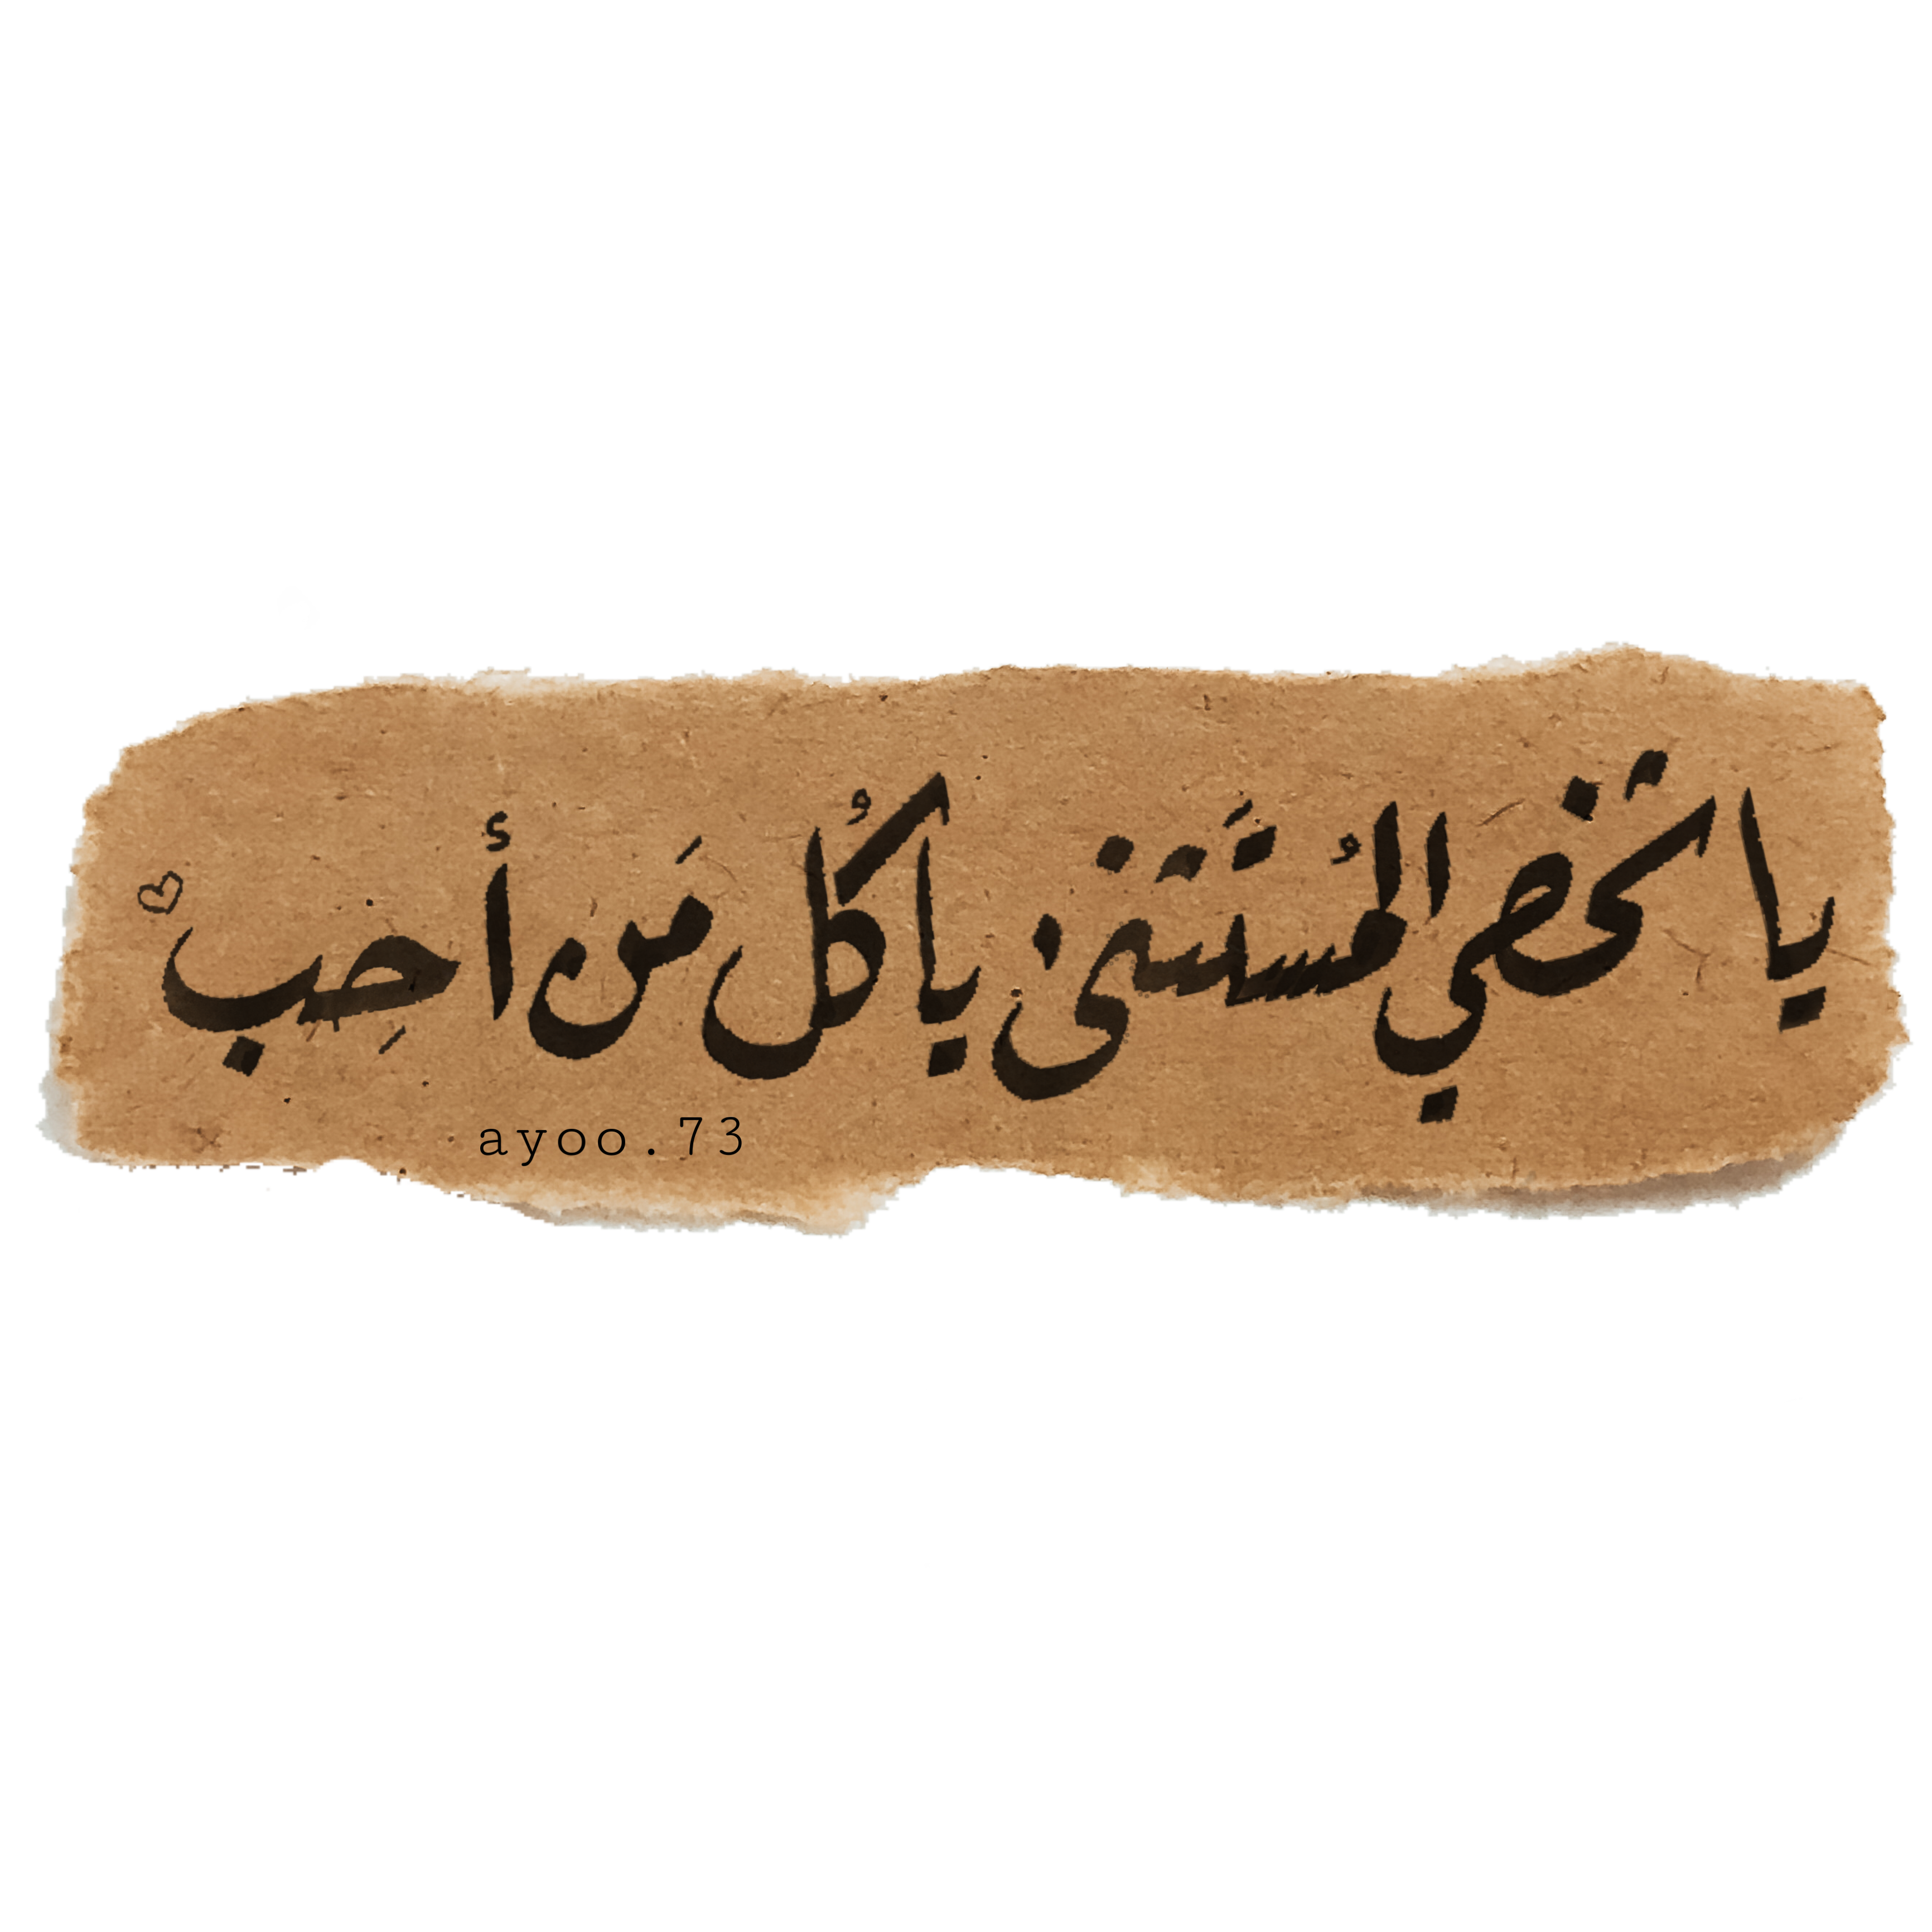 خط خطي نصوص عبارات مخطوطات عربية رمزيات كلمات ستكرز صور تمبلر انستا تأثيرات ملصقات غزل صداقة Picsart Paper Background Texture Text Background